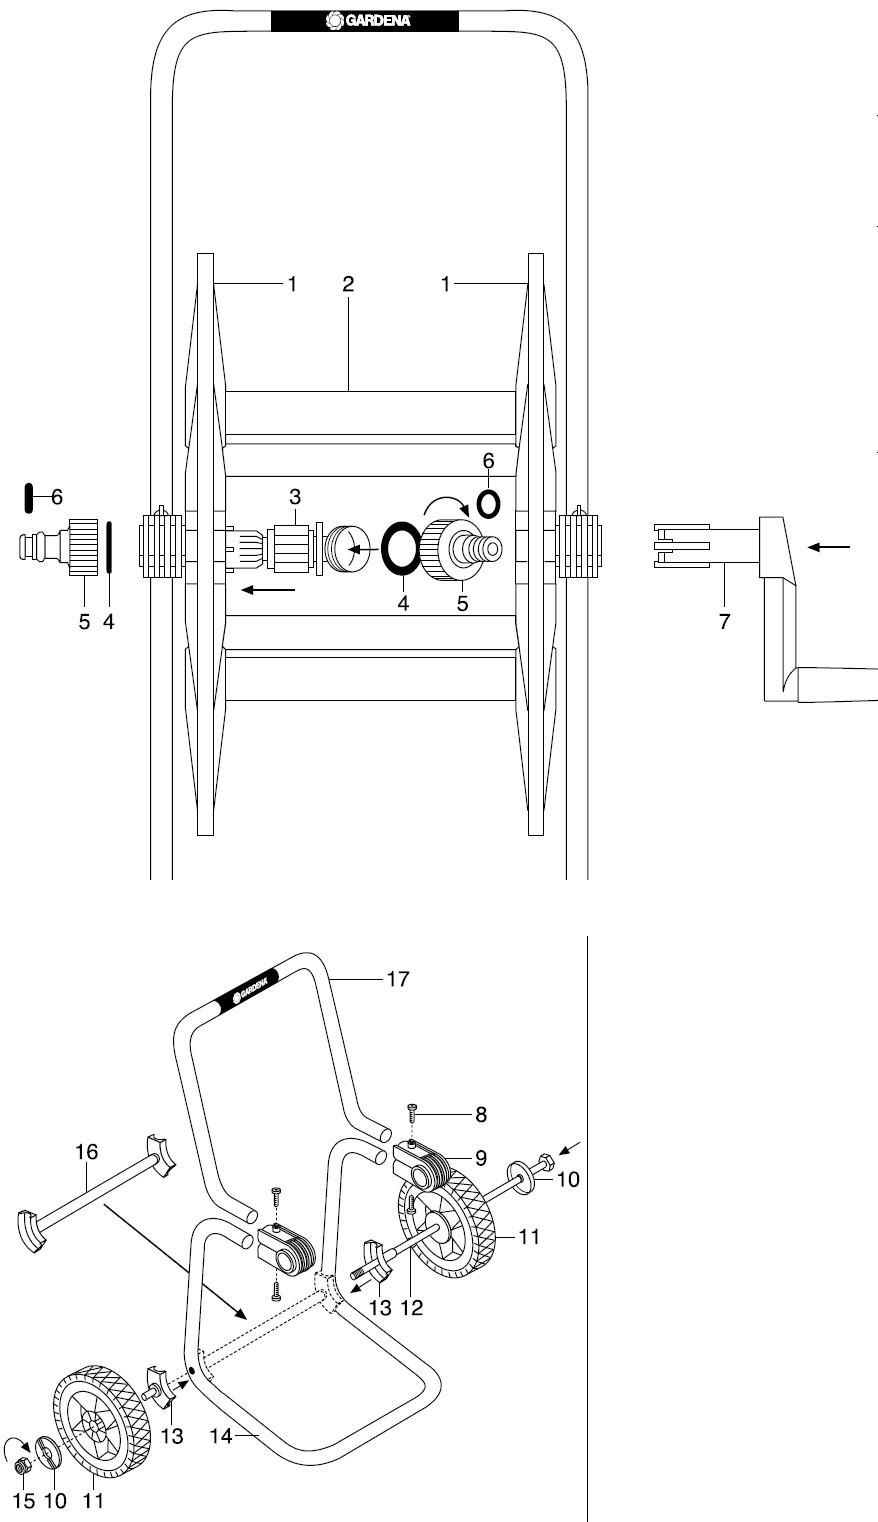 gardena ersatzteile schlauchwagen 60 m 2610 2614 ersatzteil fee. Black Bedroom Furniture Sets. Home Design Ideas